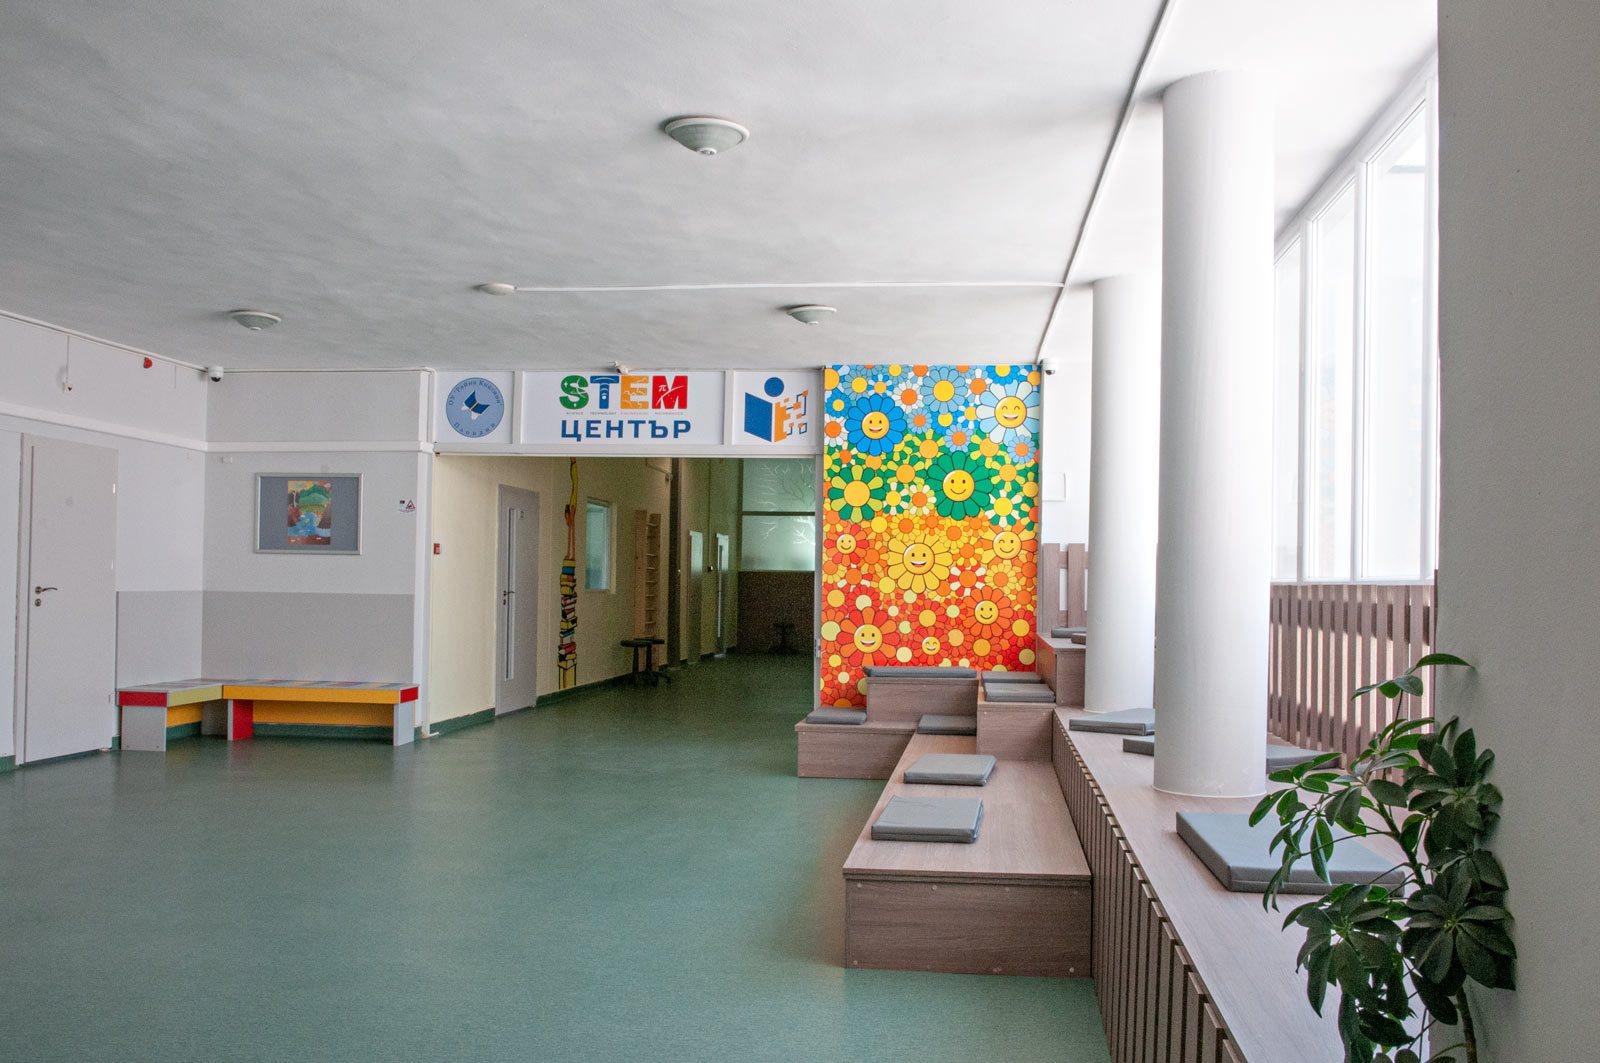 EZF1374-stem-center-hall-1